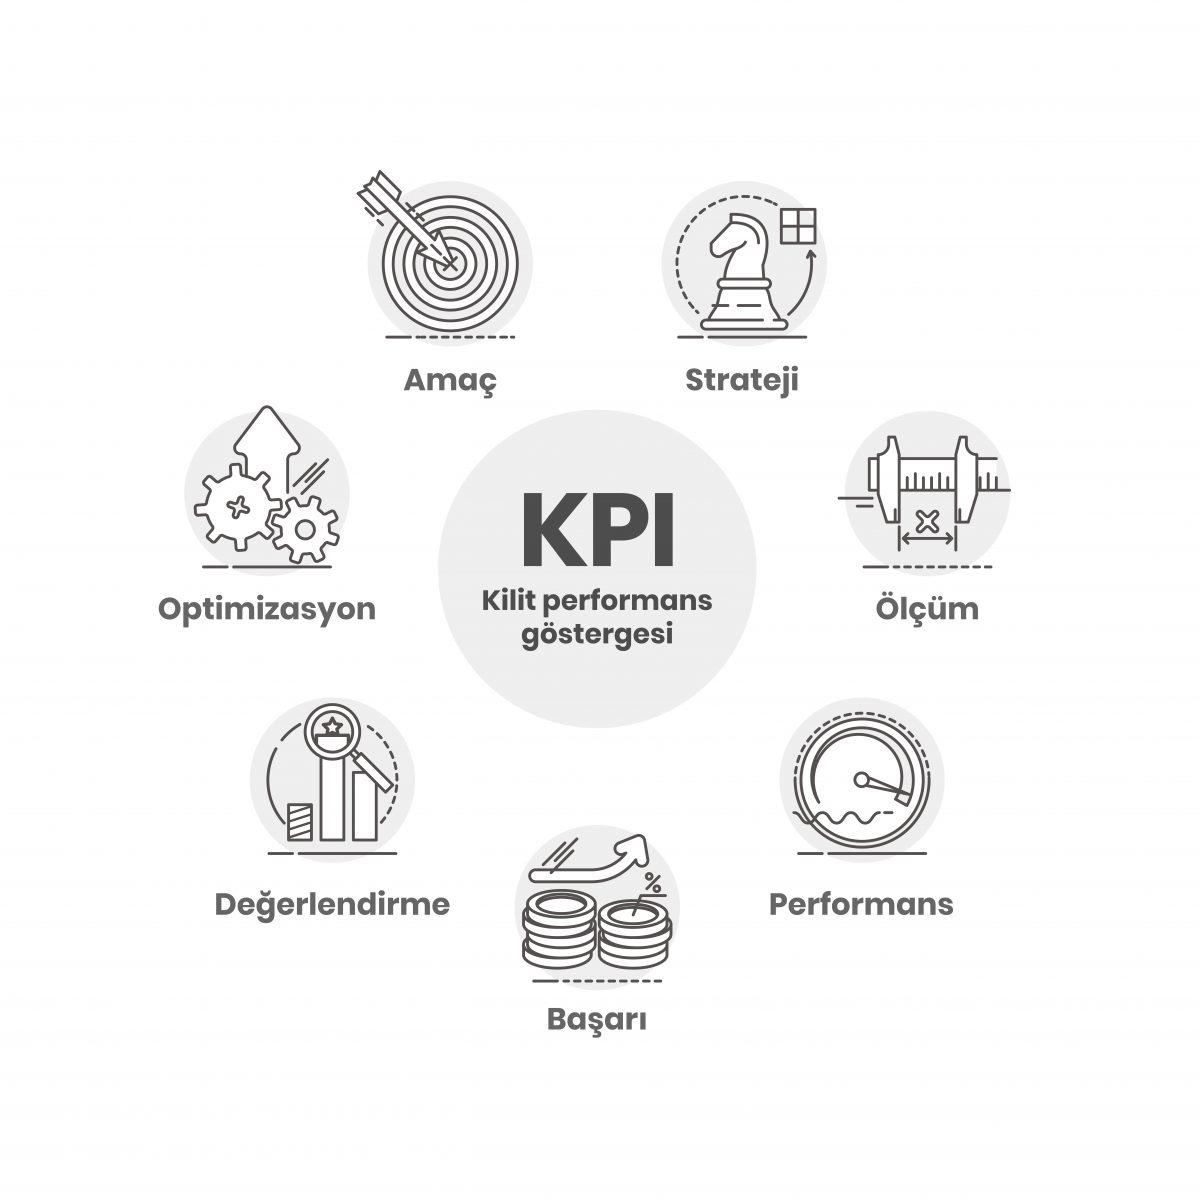 KPI'lar; projelerinizin nasıl ilerlediğini kontrol etmenizi ve süreçlerinizin verimliliğini izlemenizi sağlar.